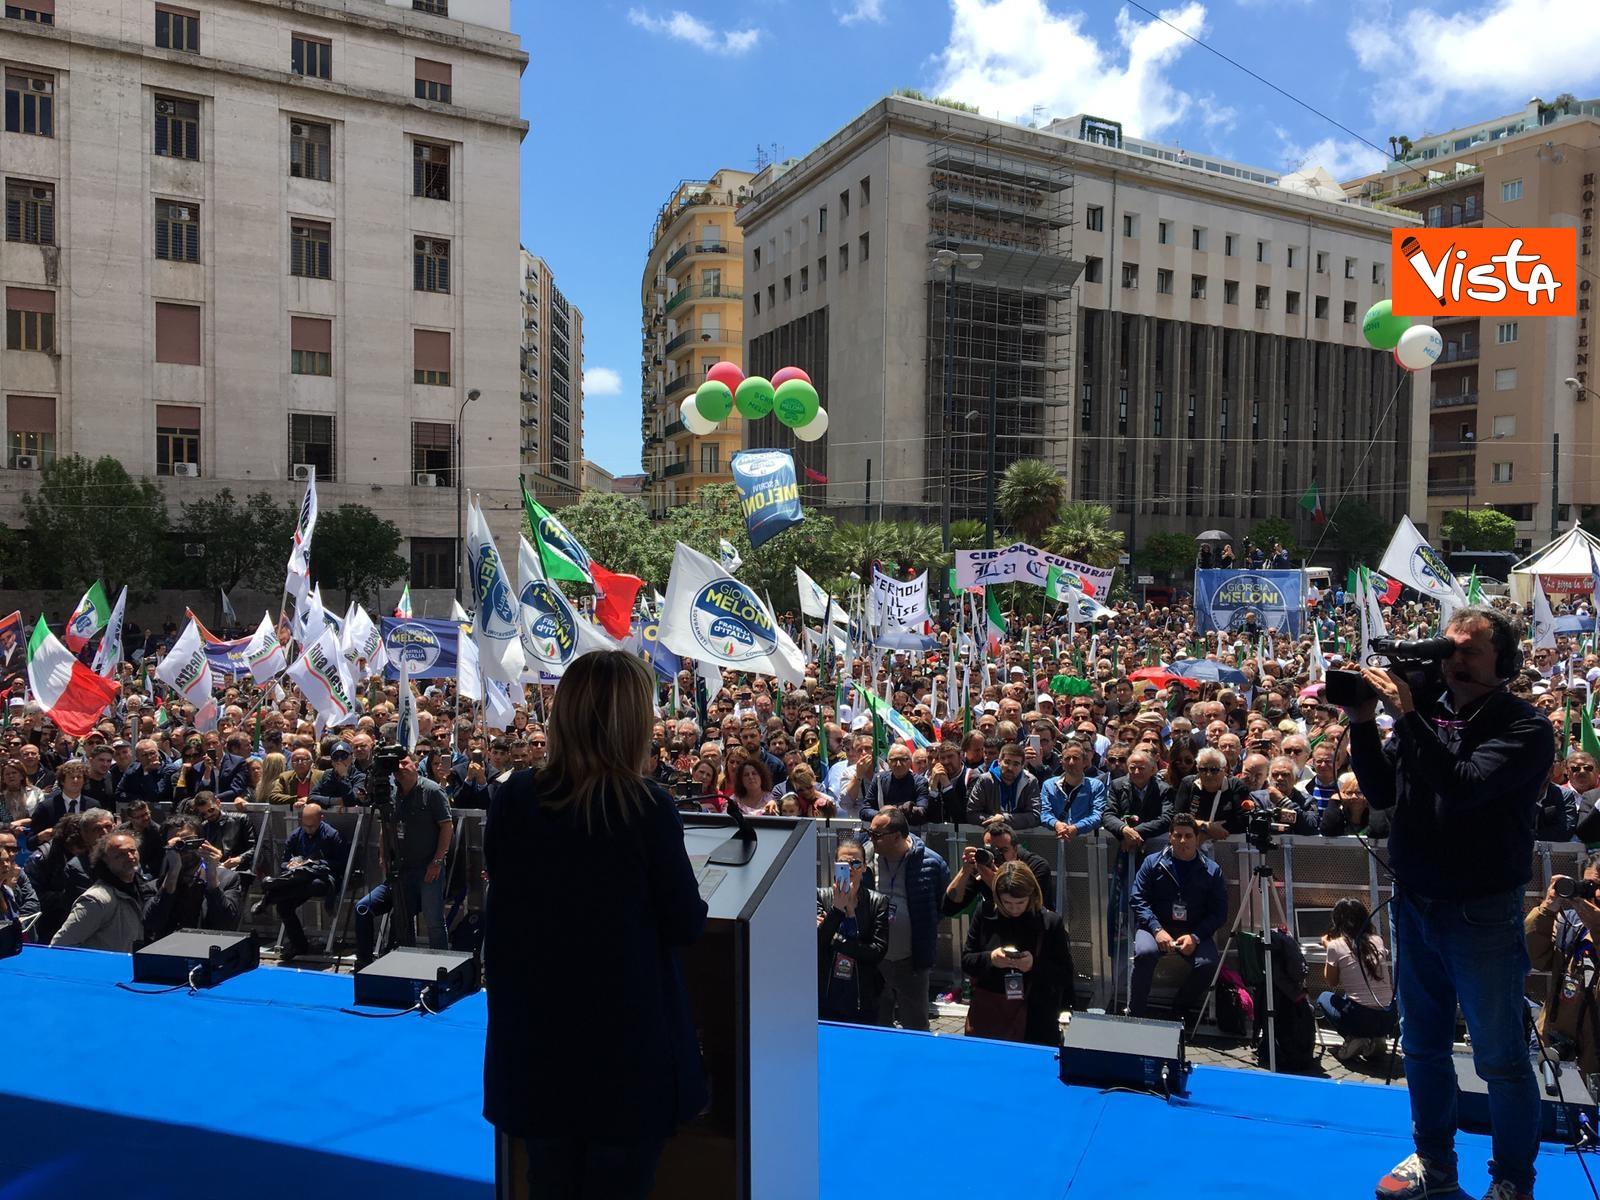 19-05-19 Europee Meloni a Napoli piazza gremita di gente per il comizio della leader di FdI_03